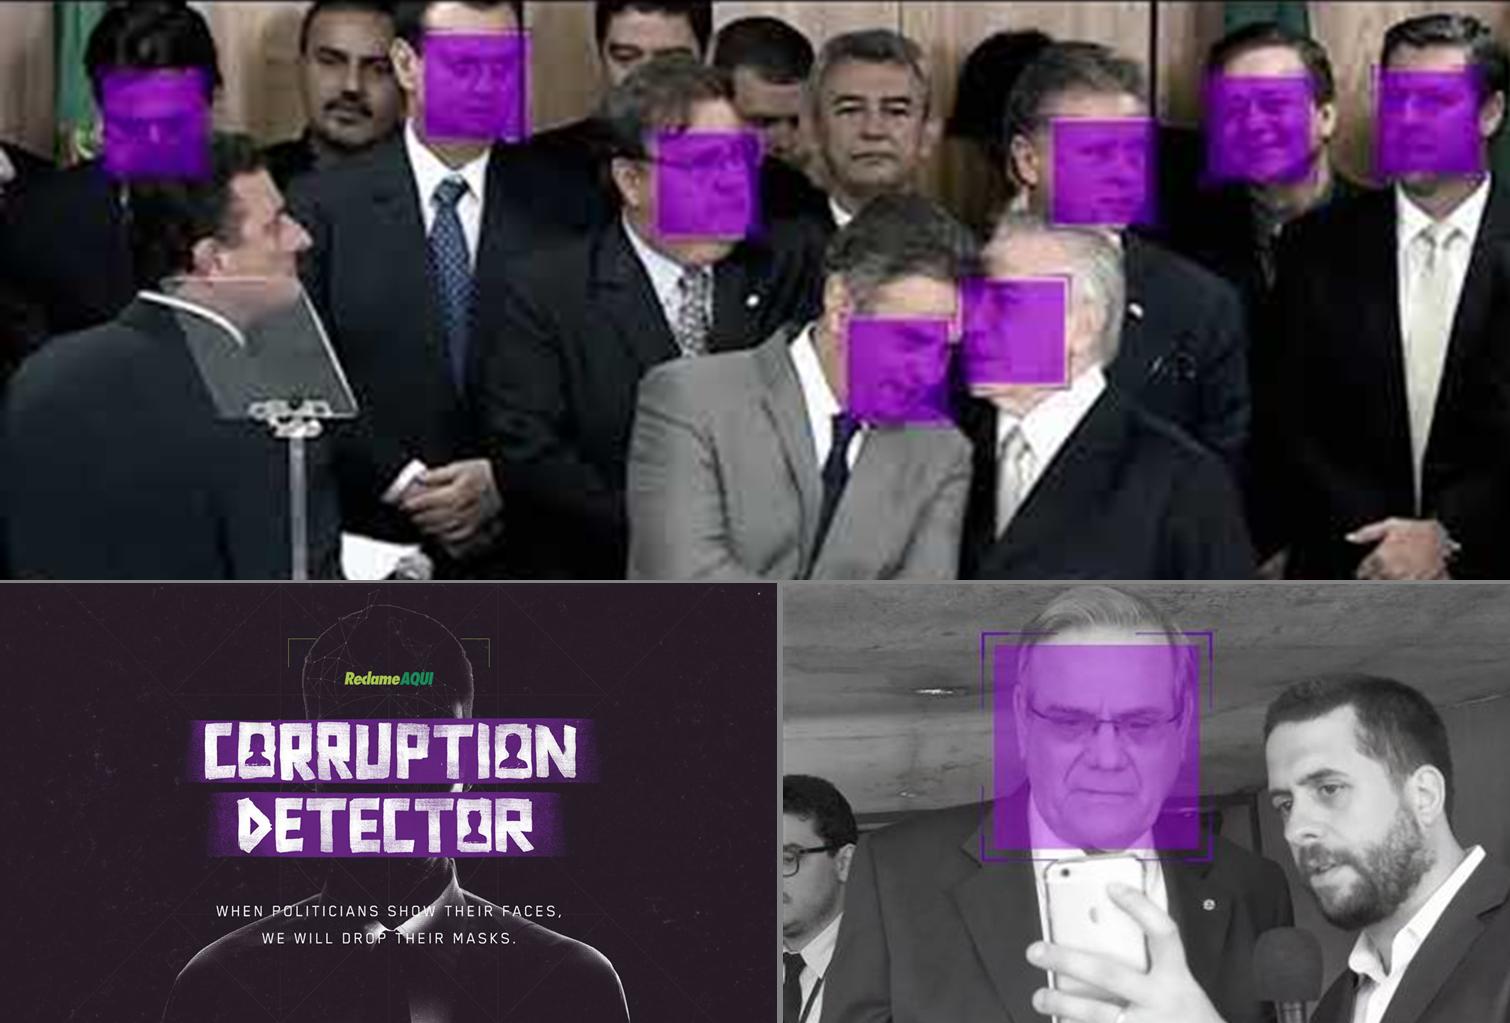 Corruption Detector แอพฯ จำไว้!! นักการเมืองคนไหนโกงบ้านกินเมือง เจอแล้วแฉทันที